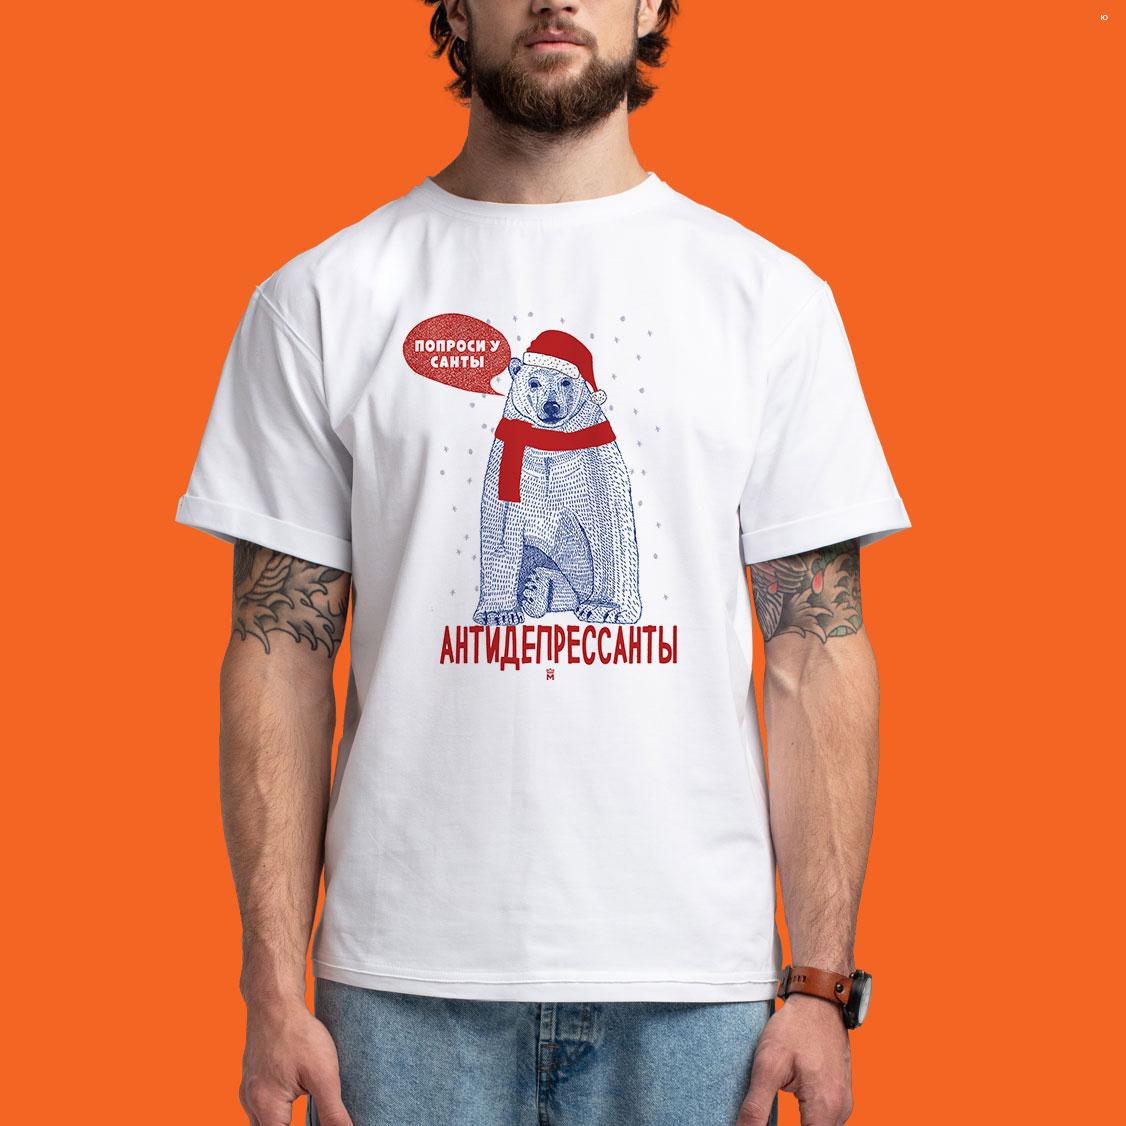 МАЙКАДЖЕКСОН - Попроси у Санты антидепрессанты (новогодняя футболка)